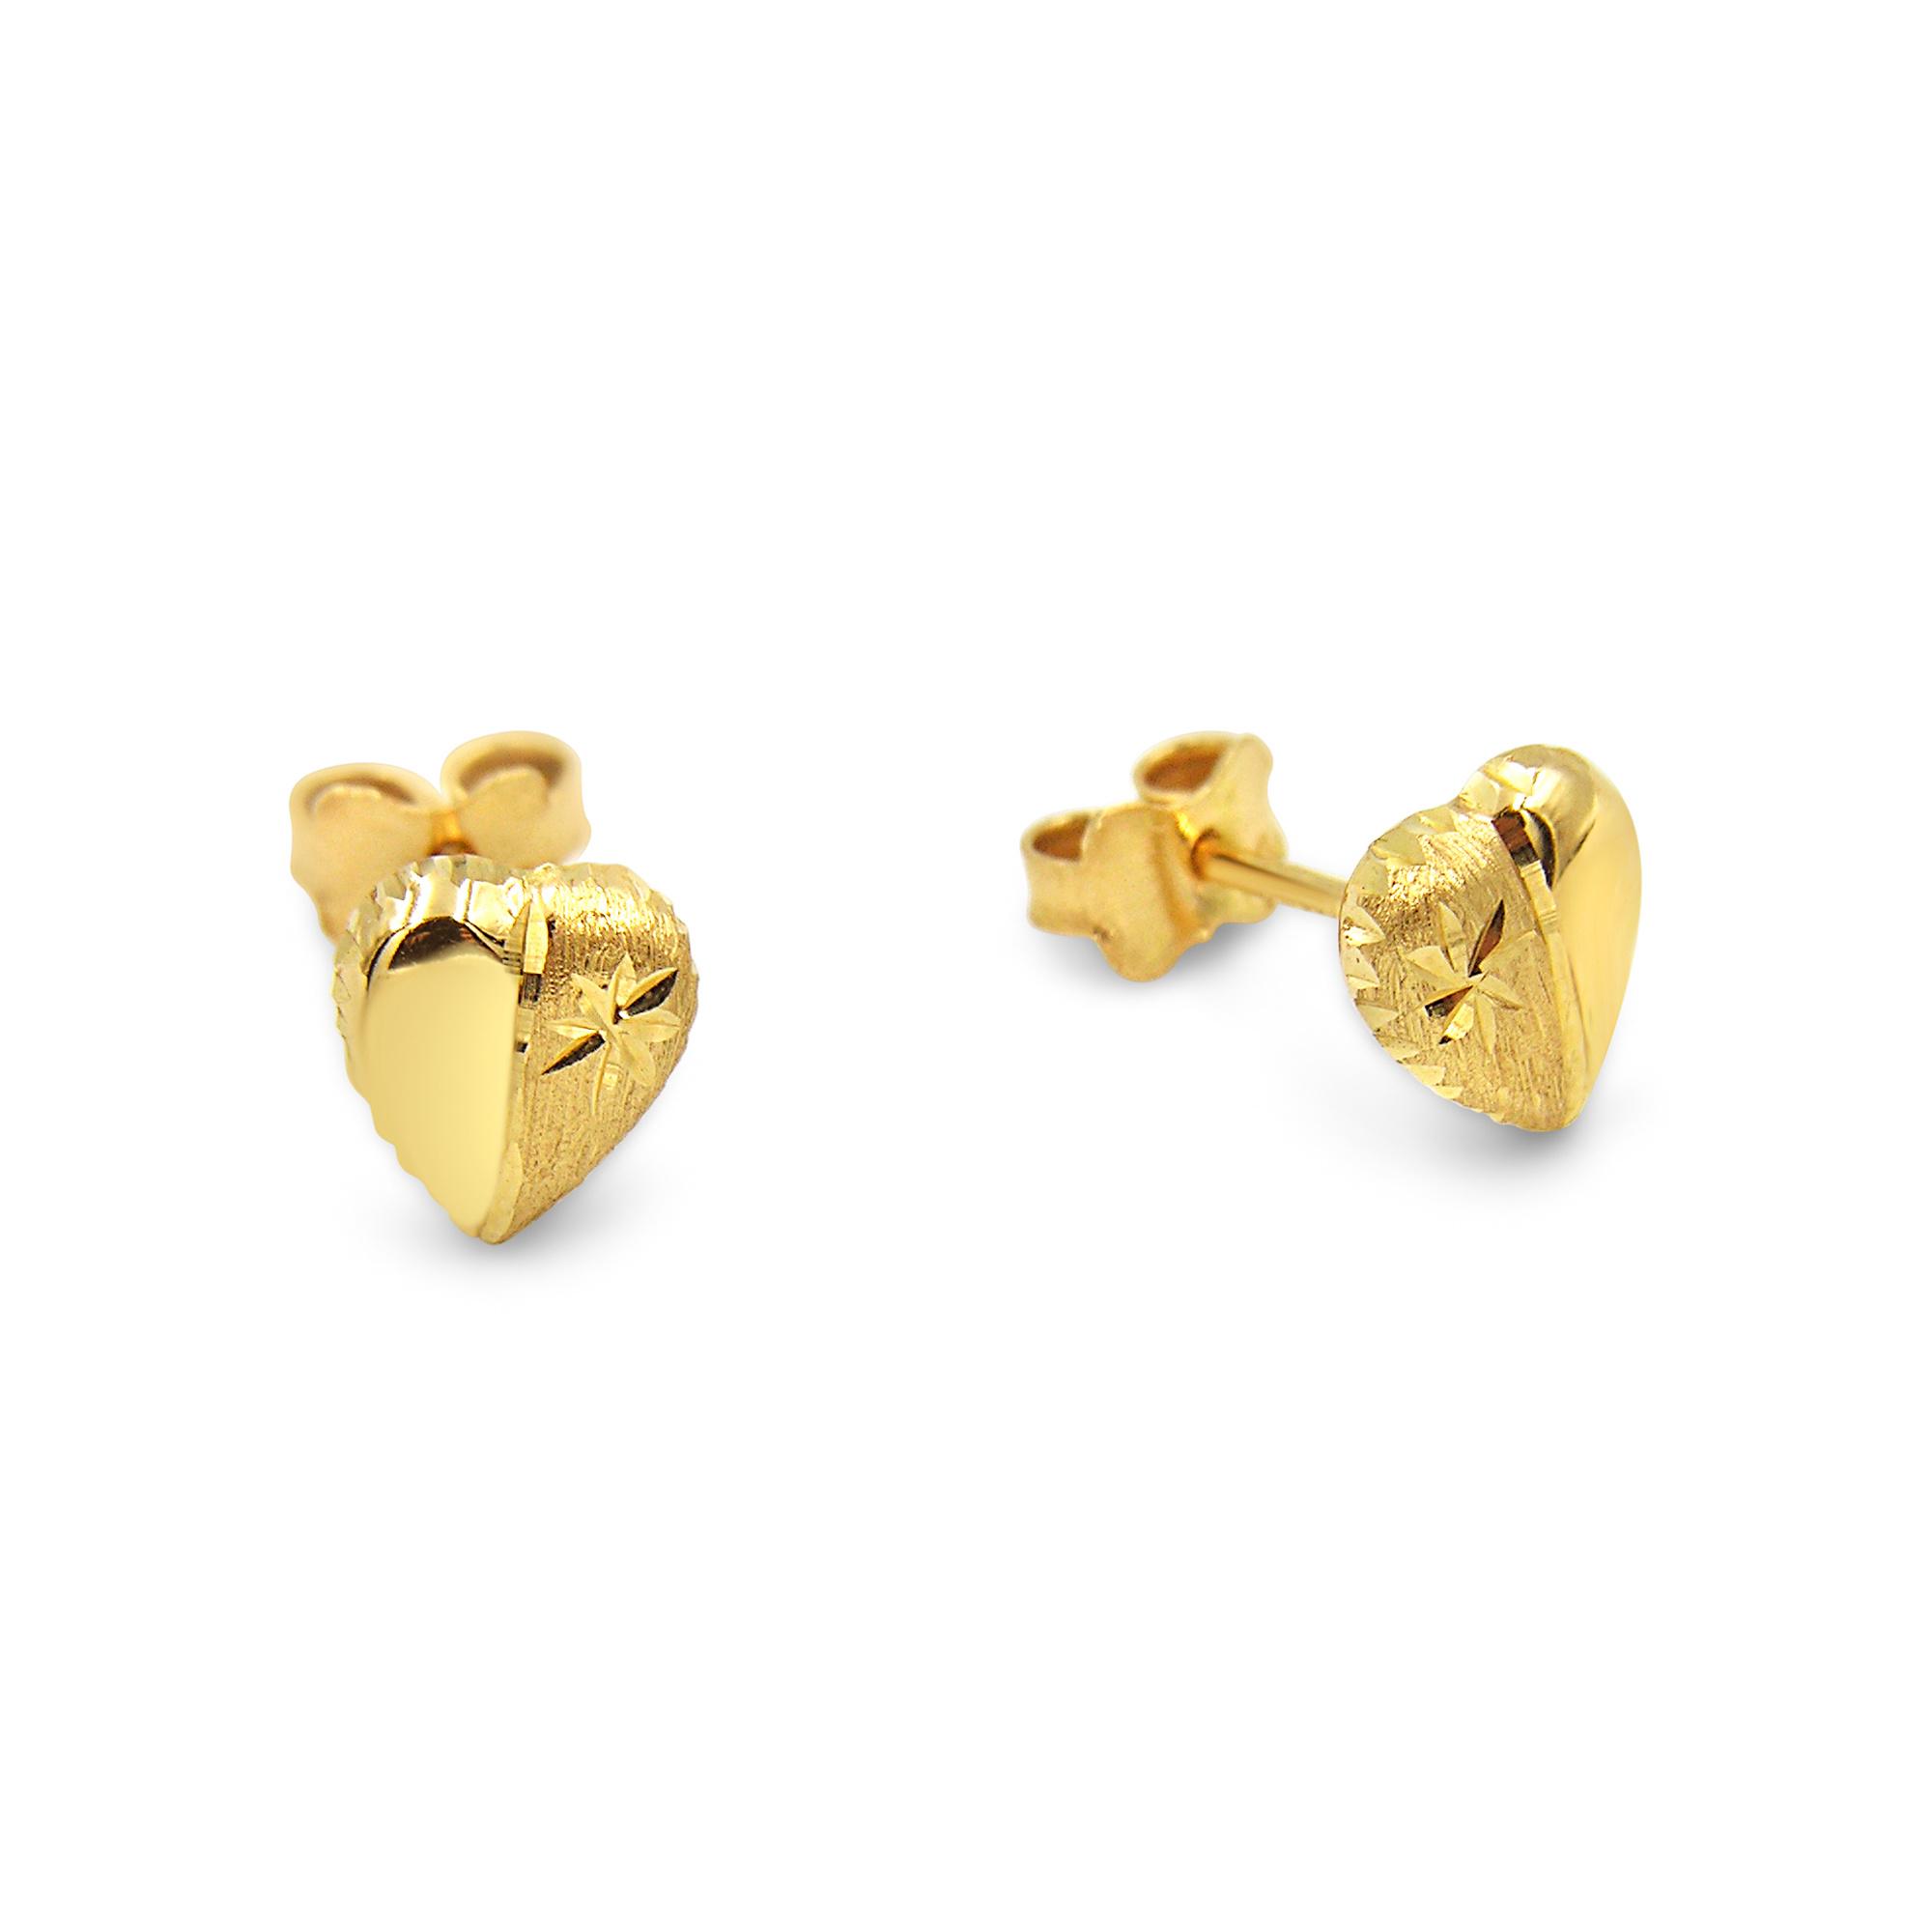 18 karaat geel goud oorbellen hart met glanzend & mat afwerking